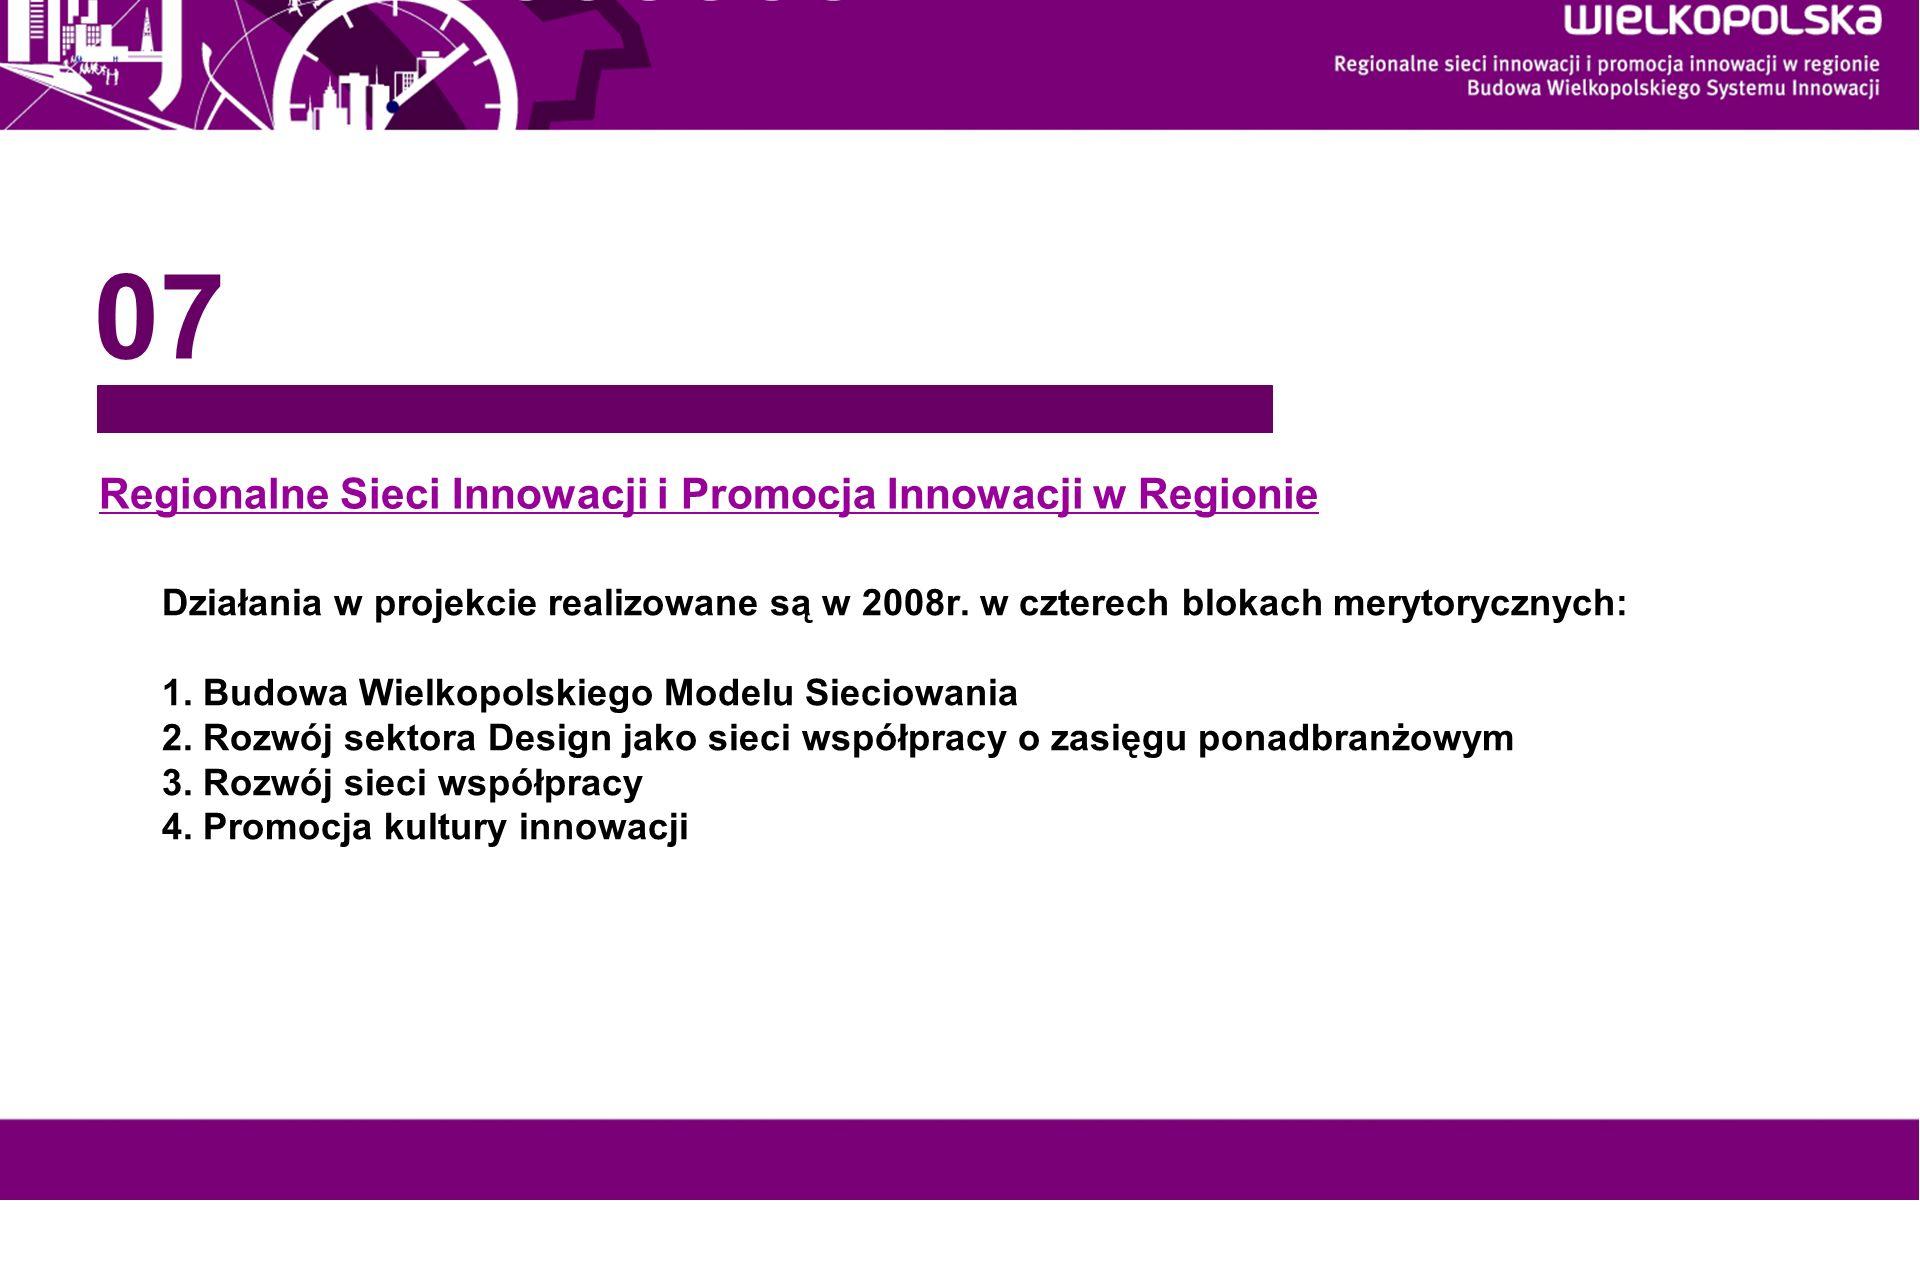 www.innowacyjna-wielkopolska.pl Regionalne Sieci Innowacji i Promocja Innowacji w Regionie 07 Działania w projekcie realizowane są w 2008r. w czterech